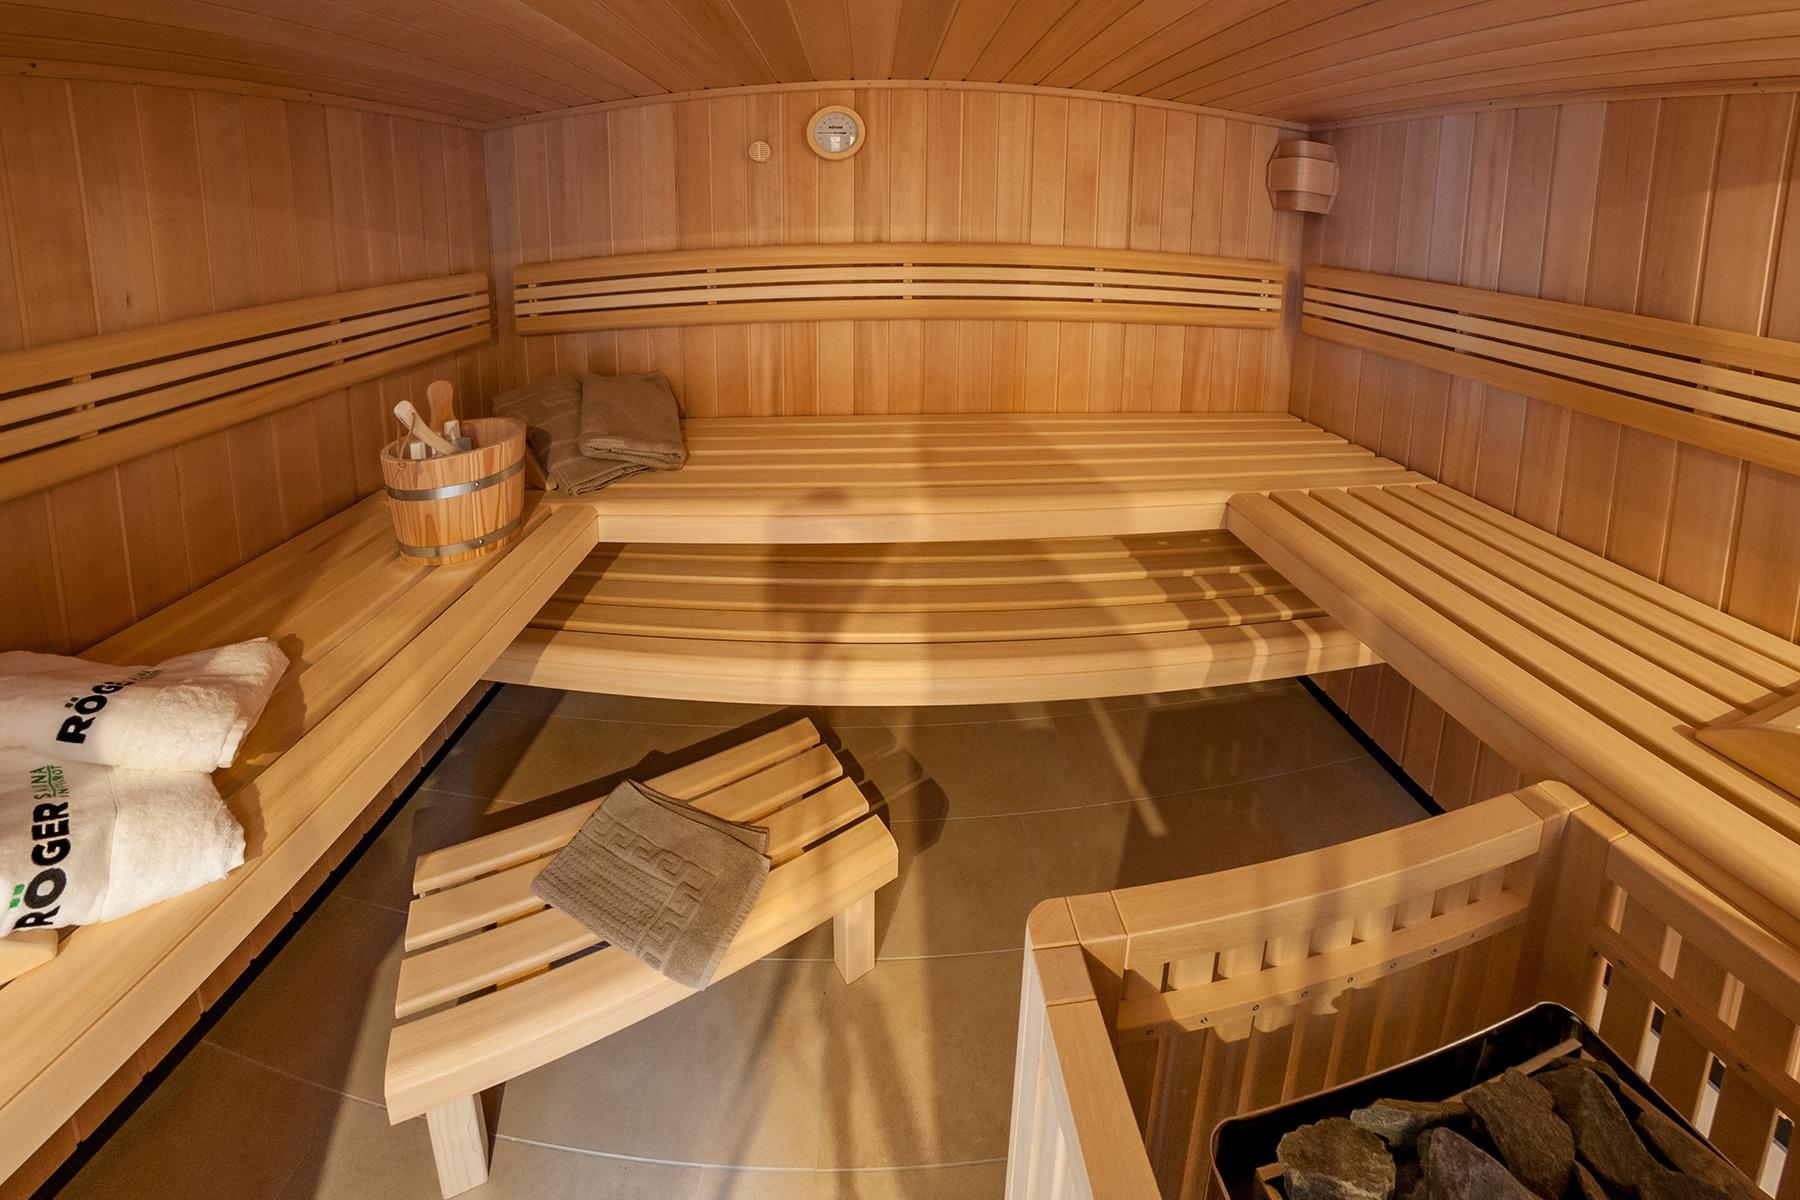 ferienhaus waldreich ferien im pf lzerwald ferienhaus waldreich. Black Bedroom Furniture Sets. Home Design Ideas